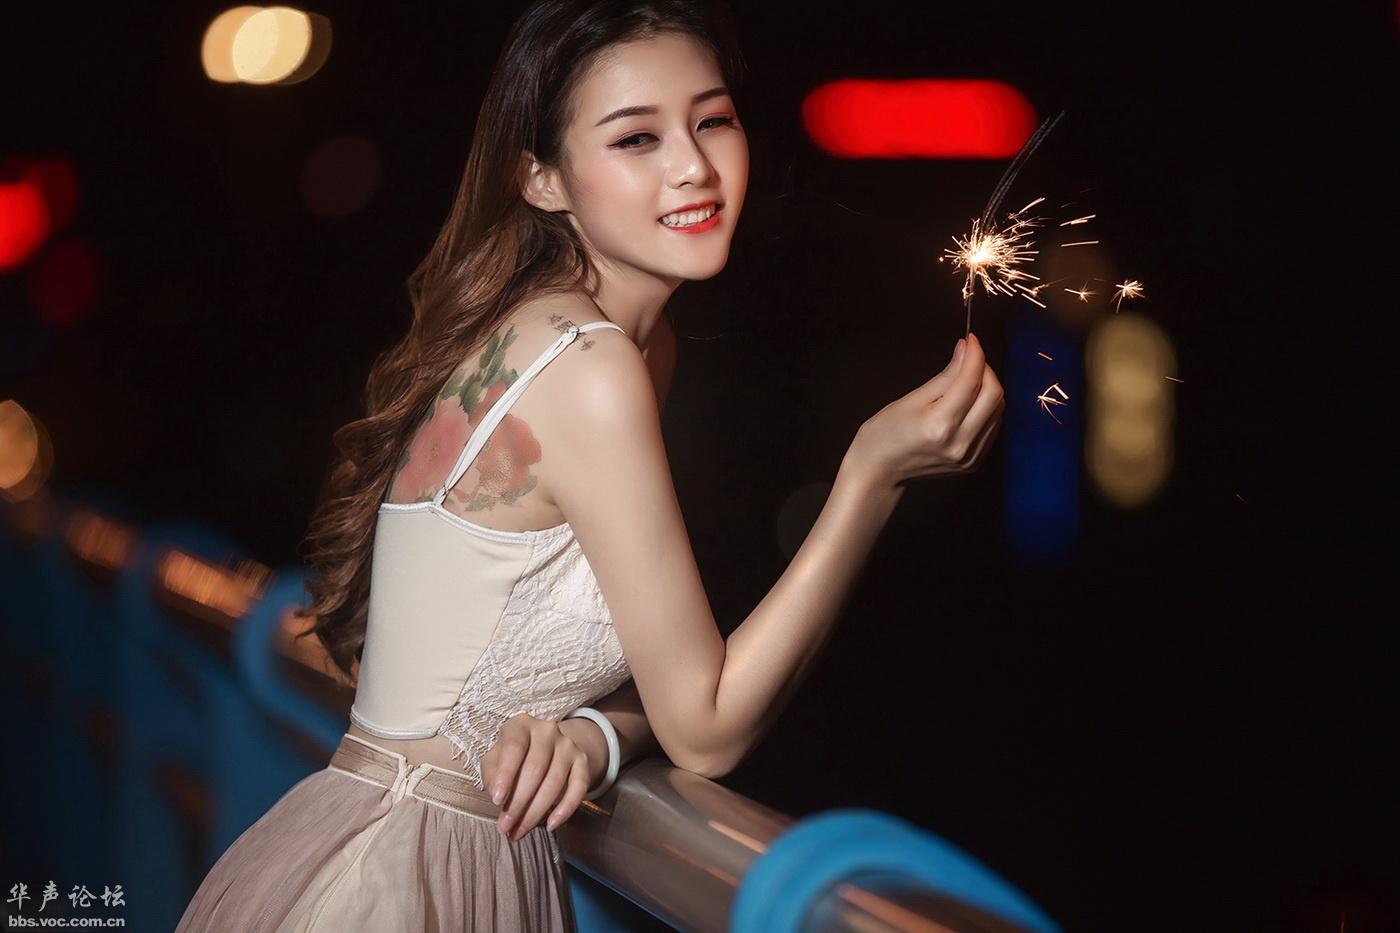 【转载】夜色柔情 - 谭泽 - a08240328的博客